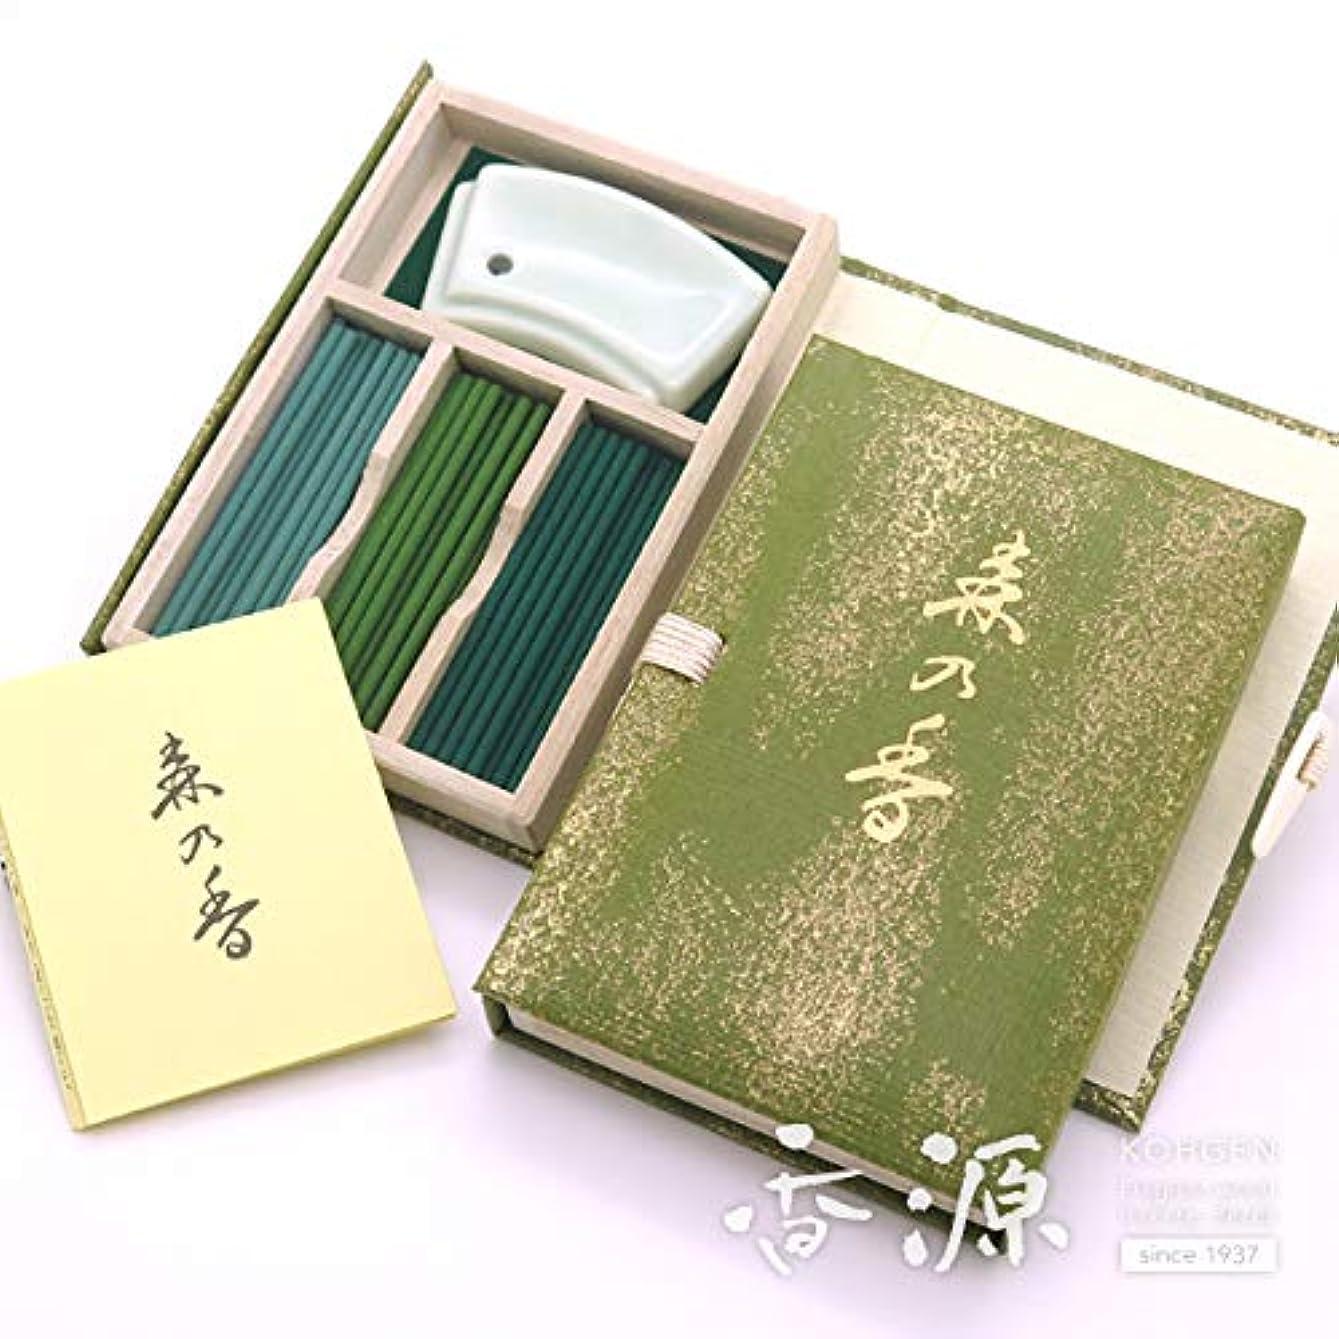 つなぐ肥満絡み合い日本香堂のお香 森の香 スティックミニ寸文庫型 60本入り